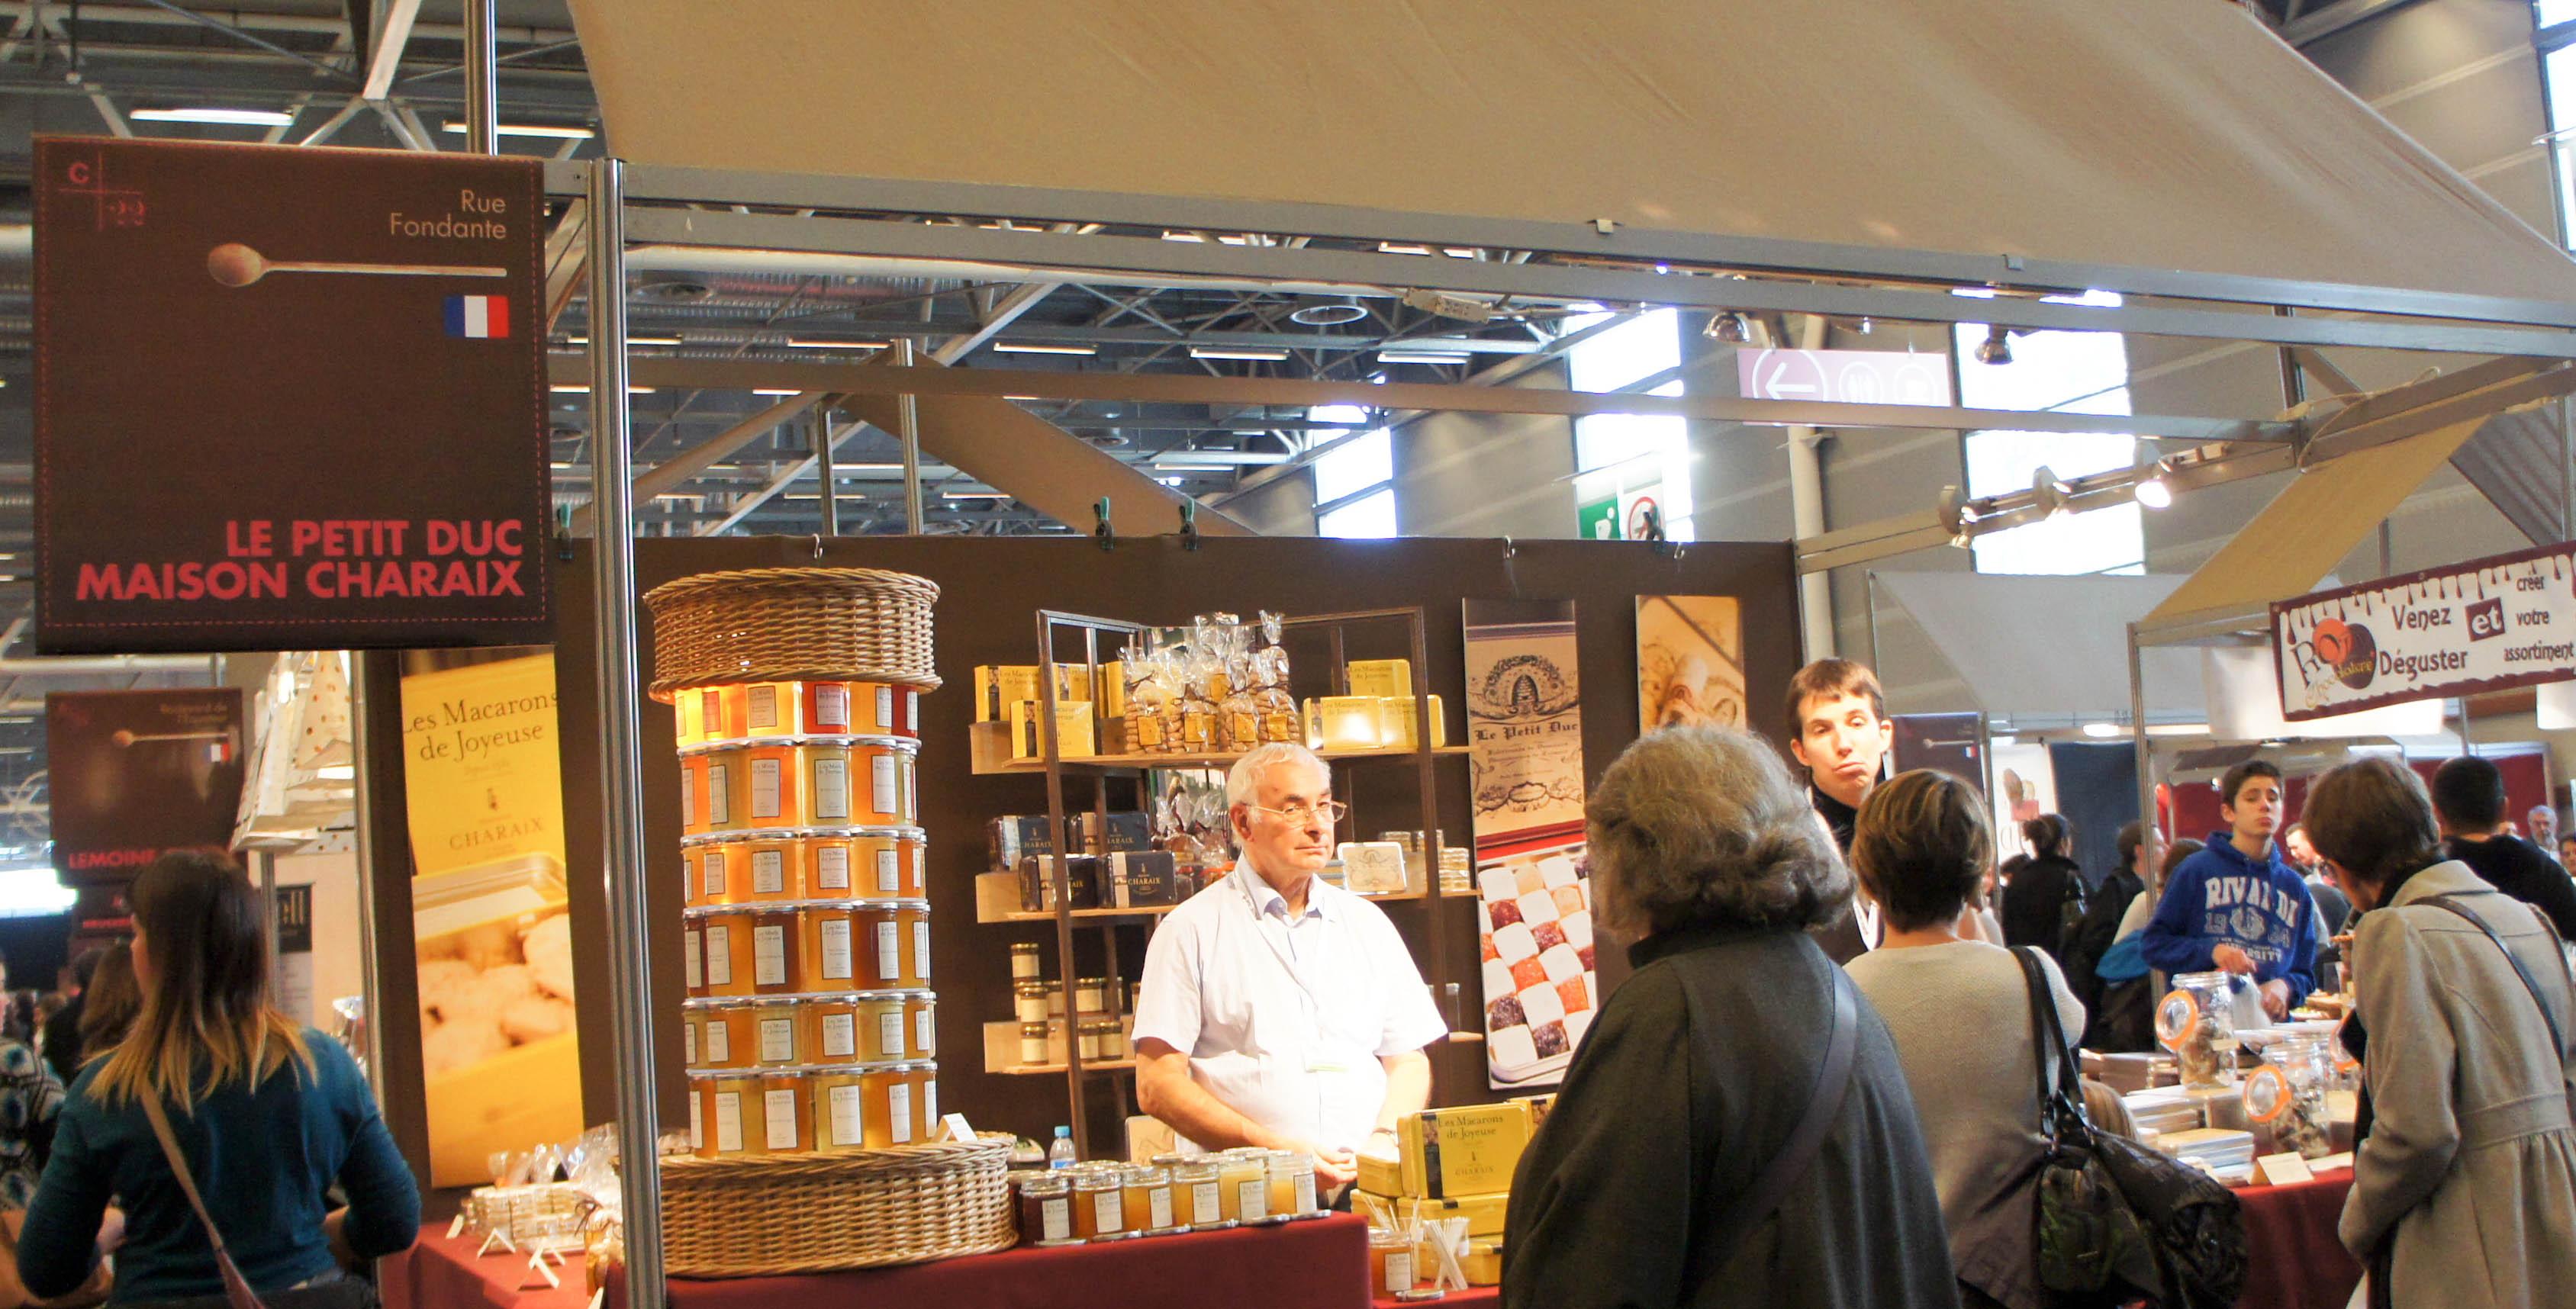 Stand maison charaix petit duc salon du chocolat 2013 for Stand de salon